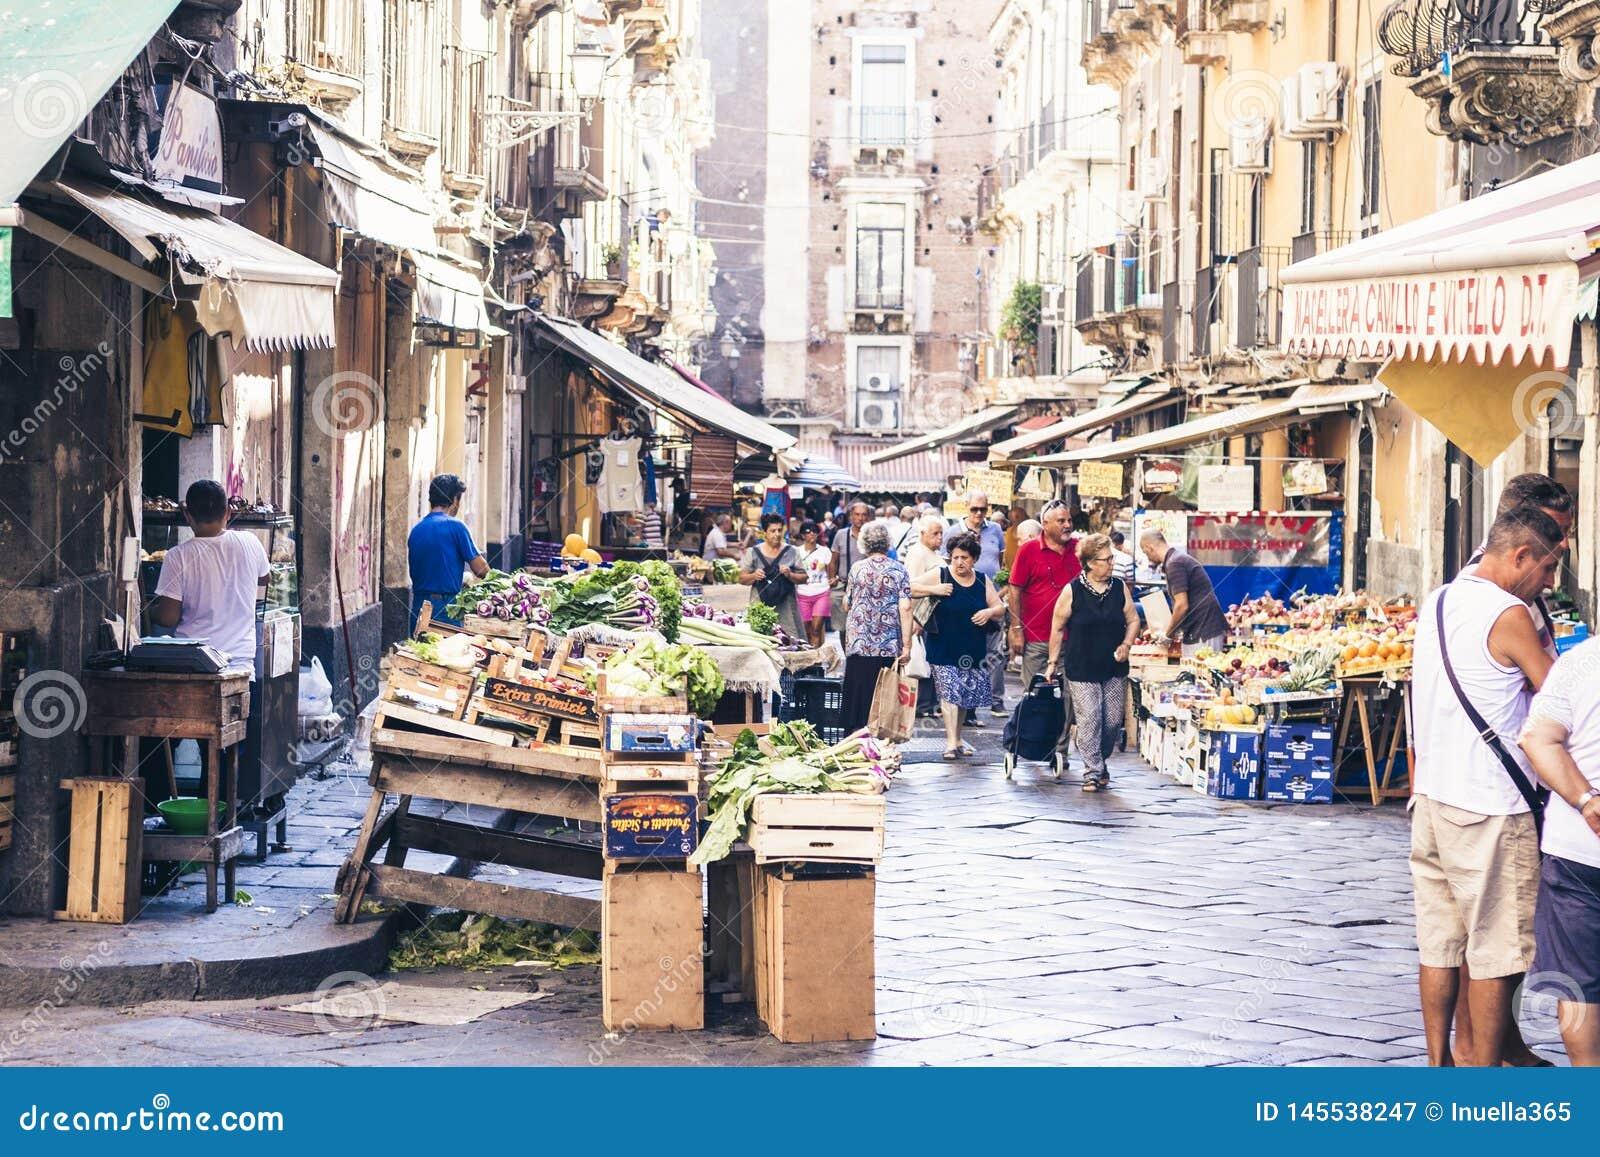 € «16-ое августа 2018 Катании, Сицилии, Италии: рыночная площадь с людьми которые покупая овощи и плоды